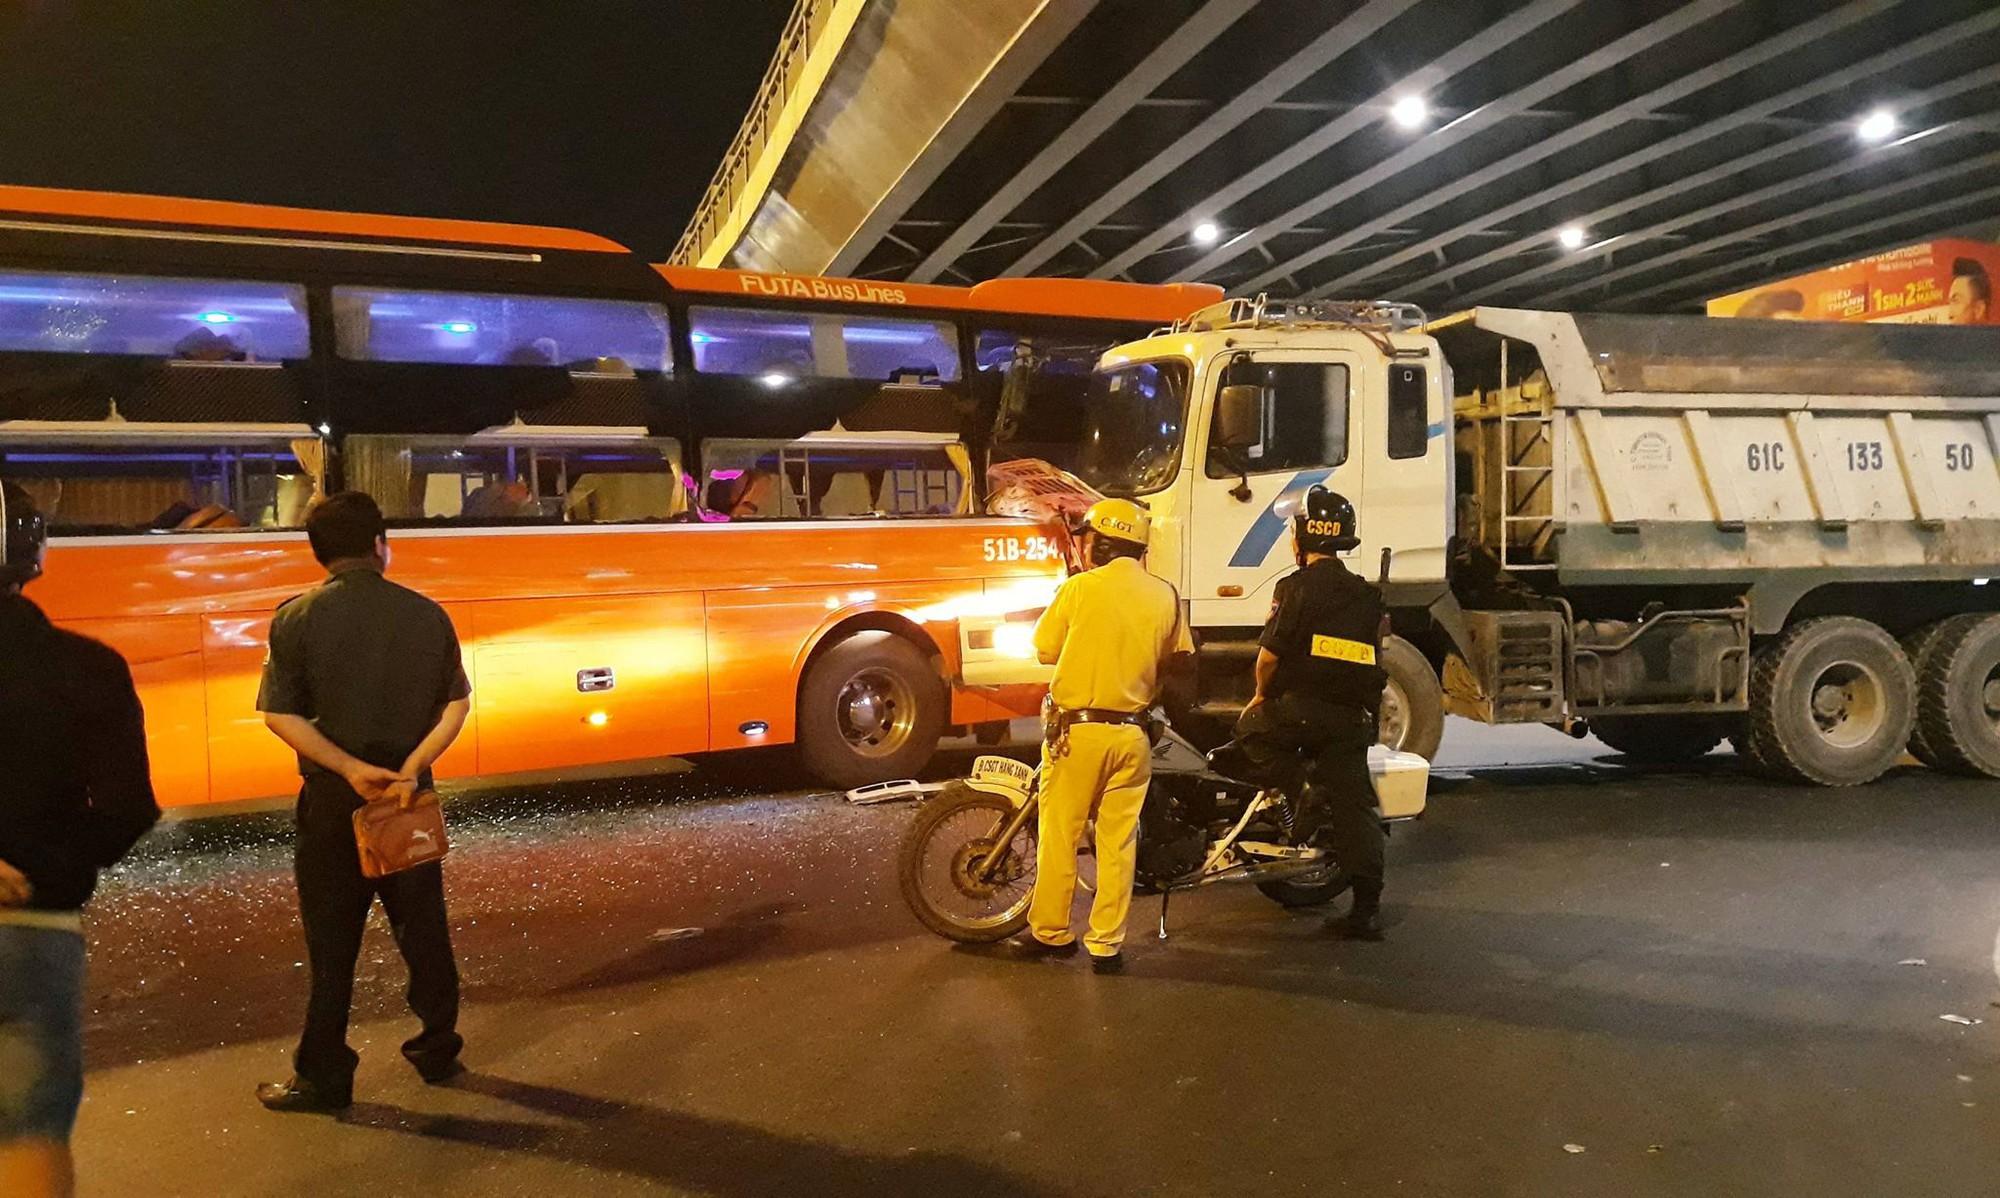 Xe giường nằm Phương Trang bị xe ben húc tại ngã tư Hàng Xanh, hành khách khóc thét kêu cứu-1